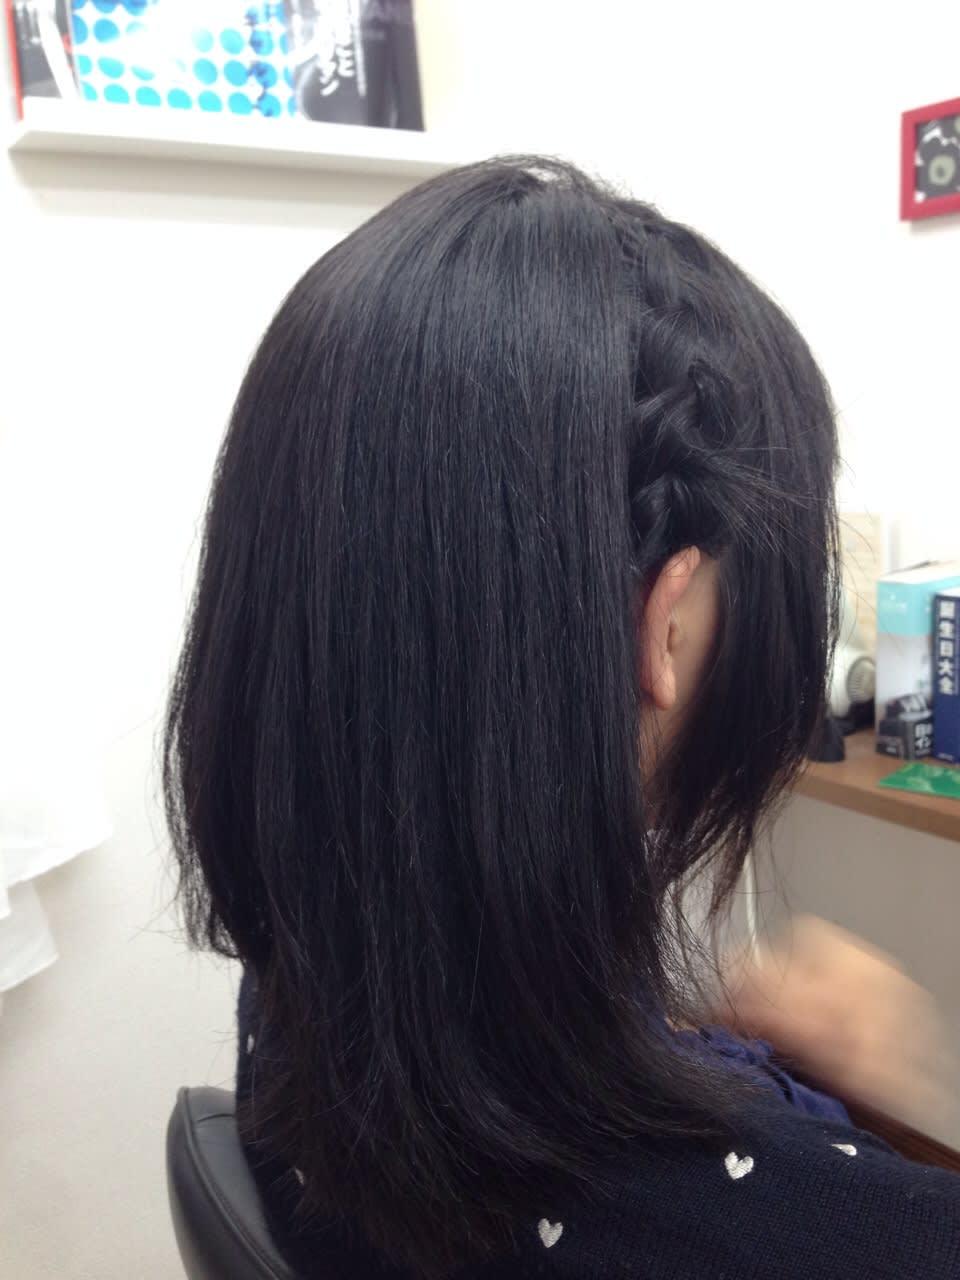 【自宅で市販のヘアカラーで髪染める!】美容院との違いって ...